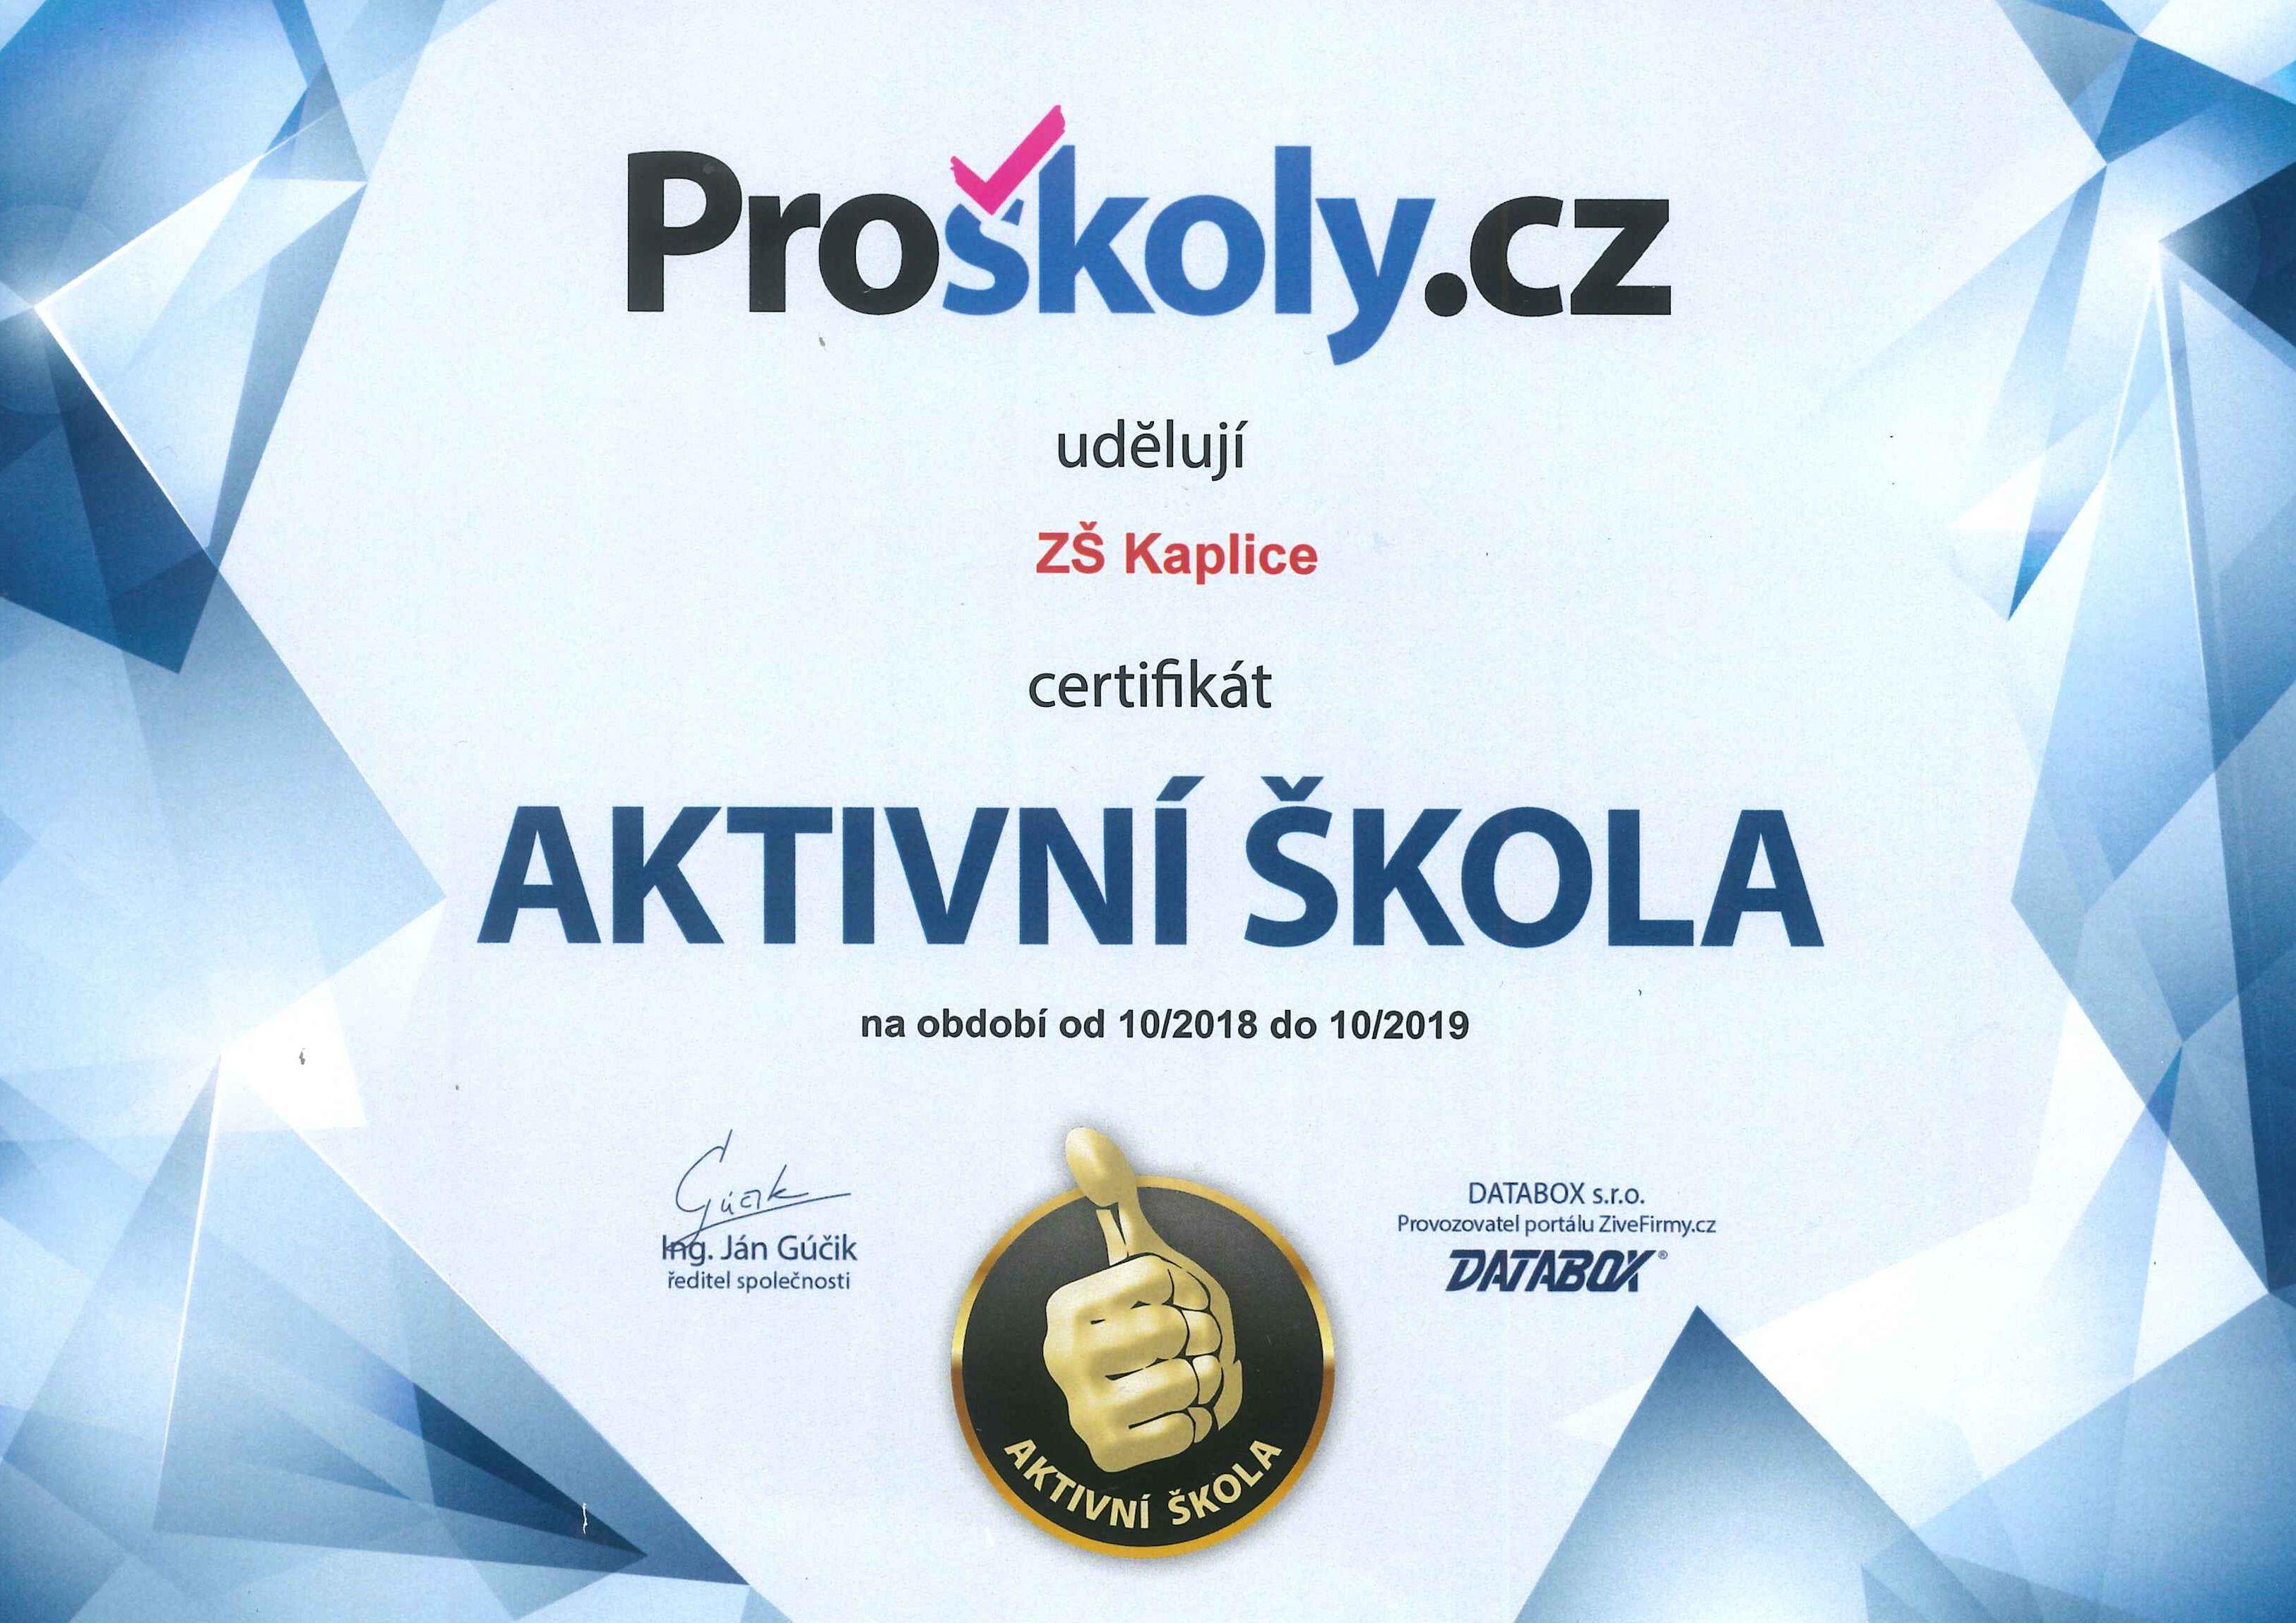 Pro školy.cz